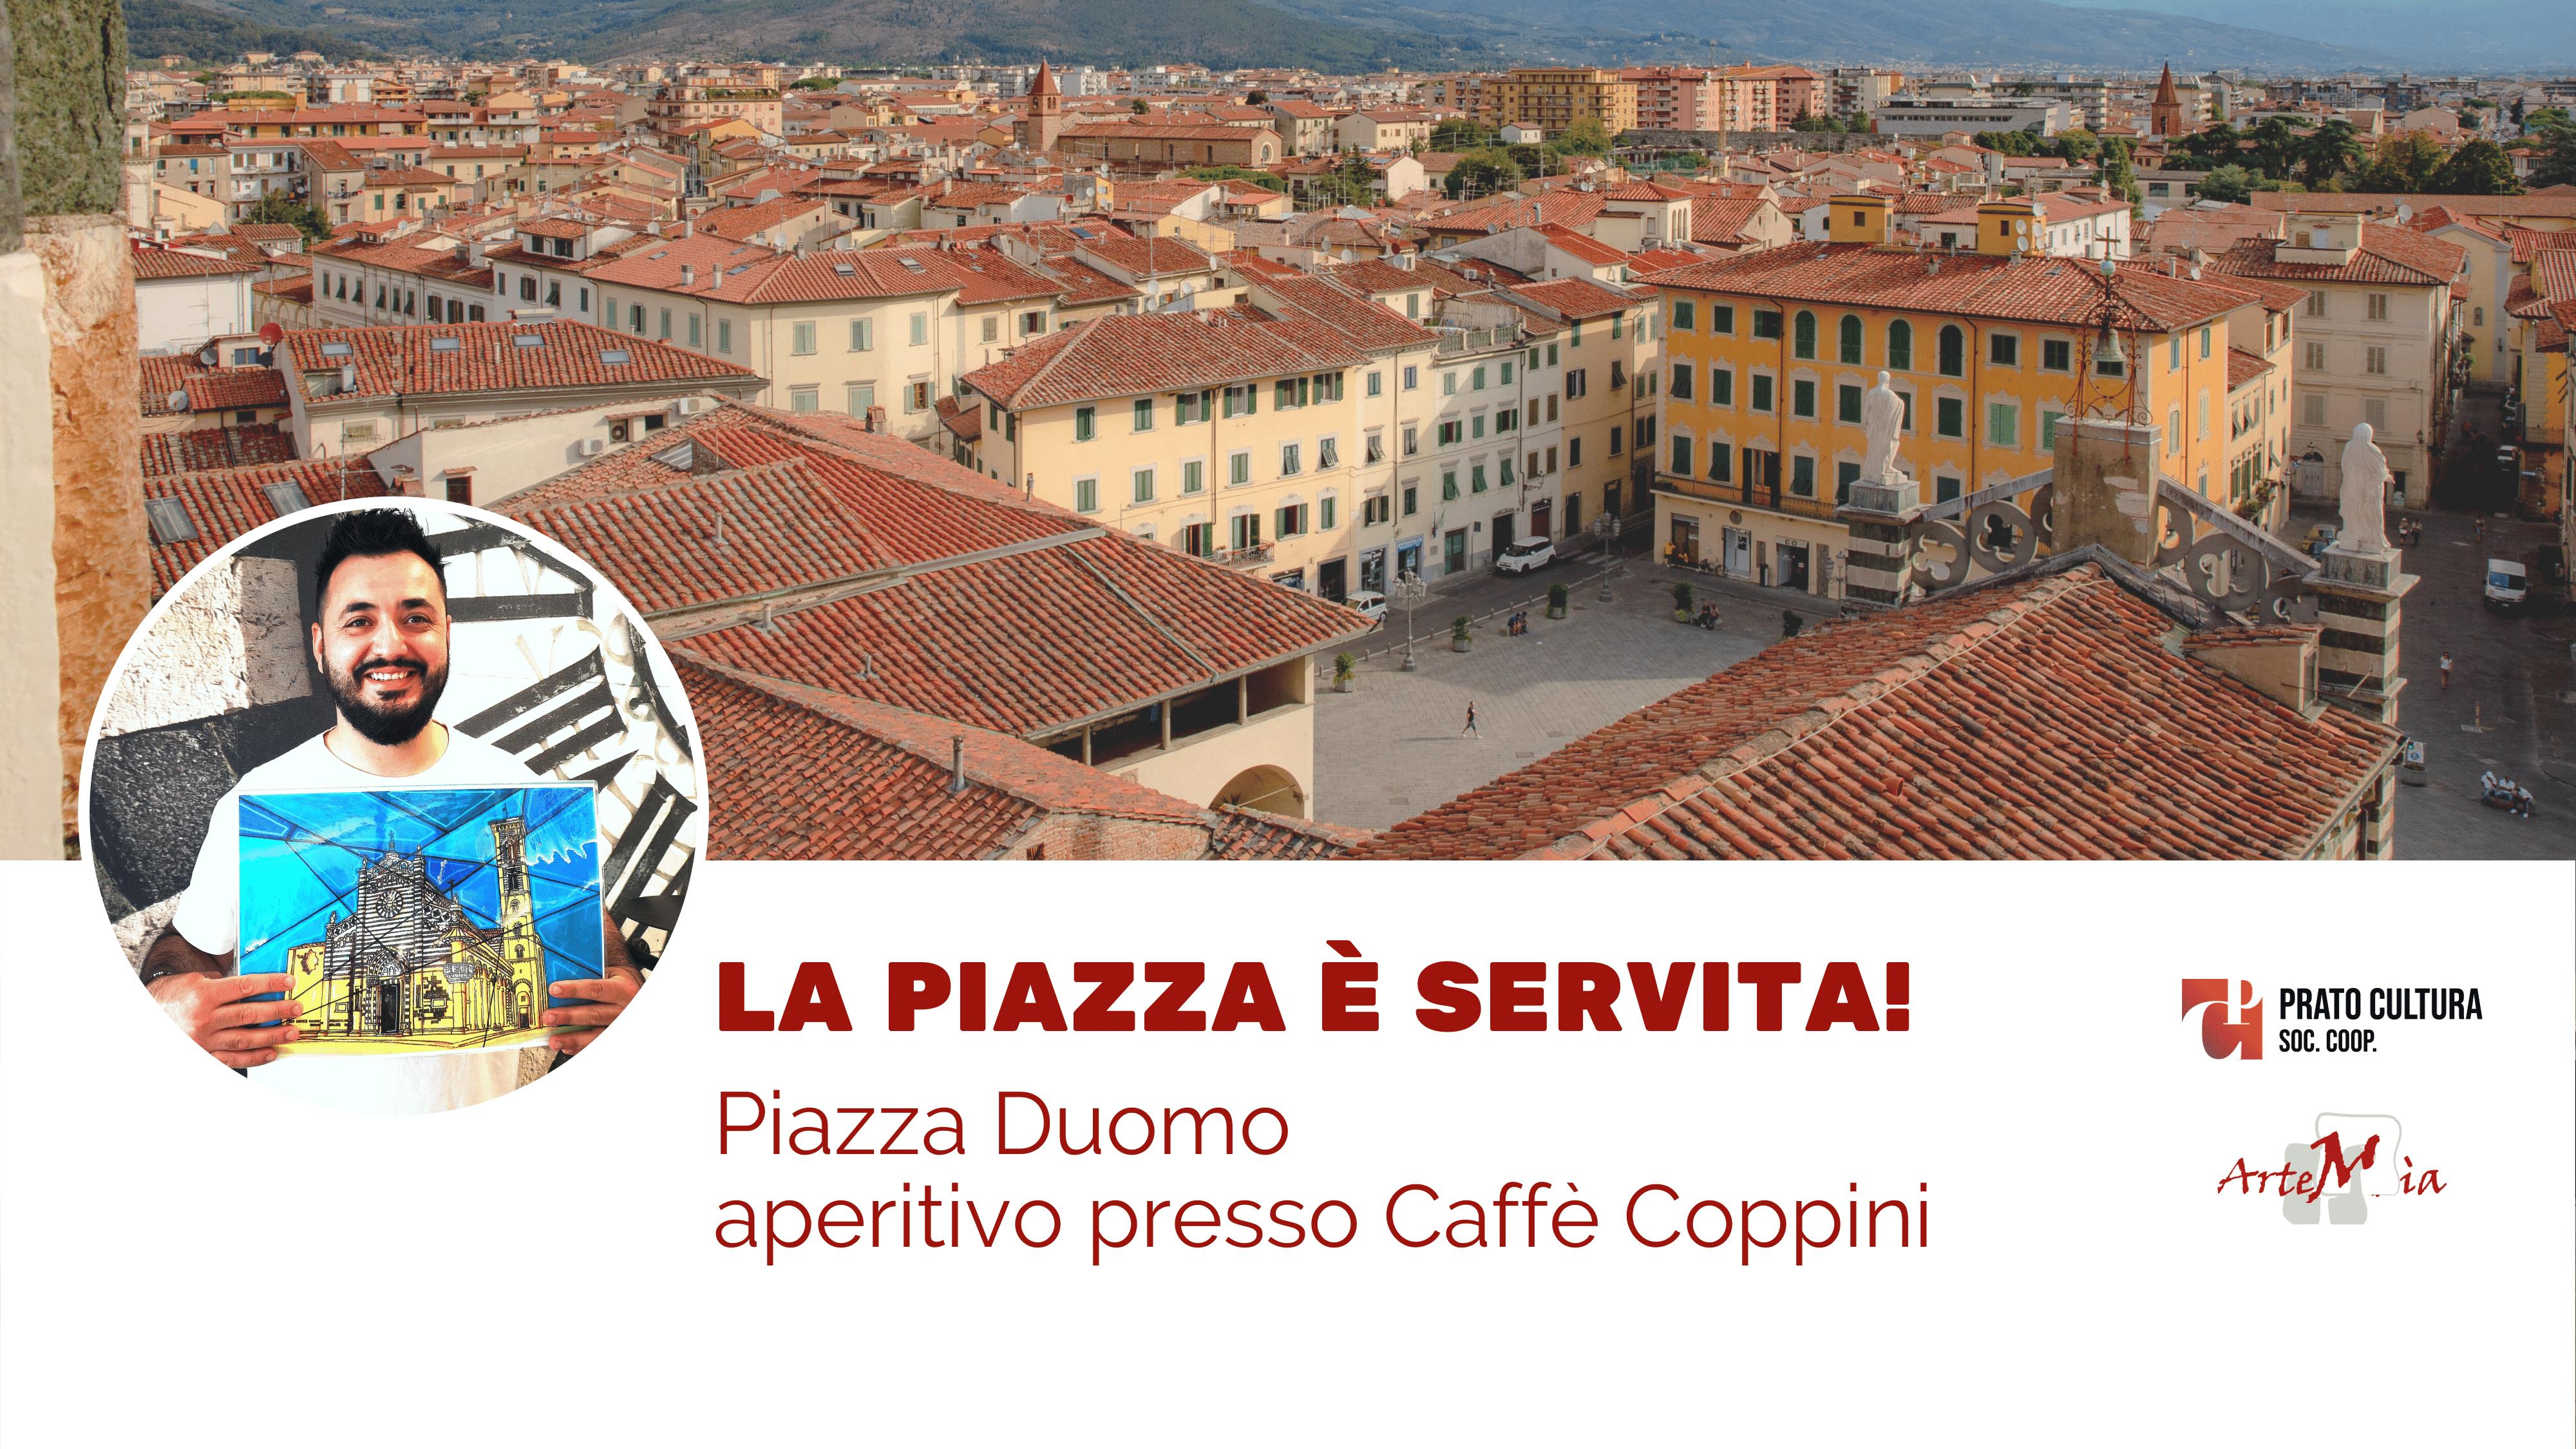 La piazza è servita! Piazza del Duomo - Caffè Coppini